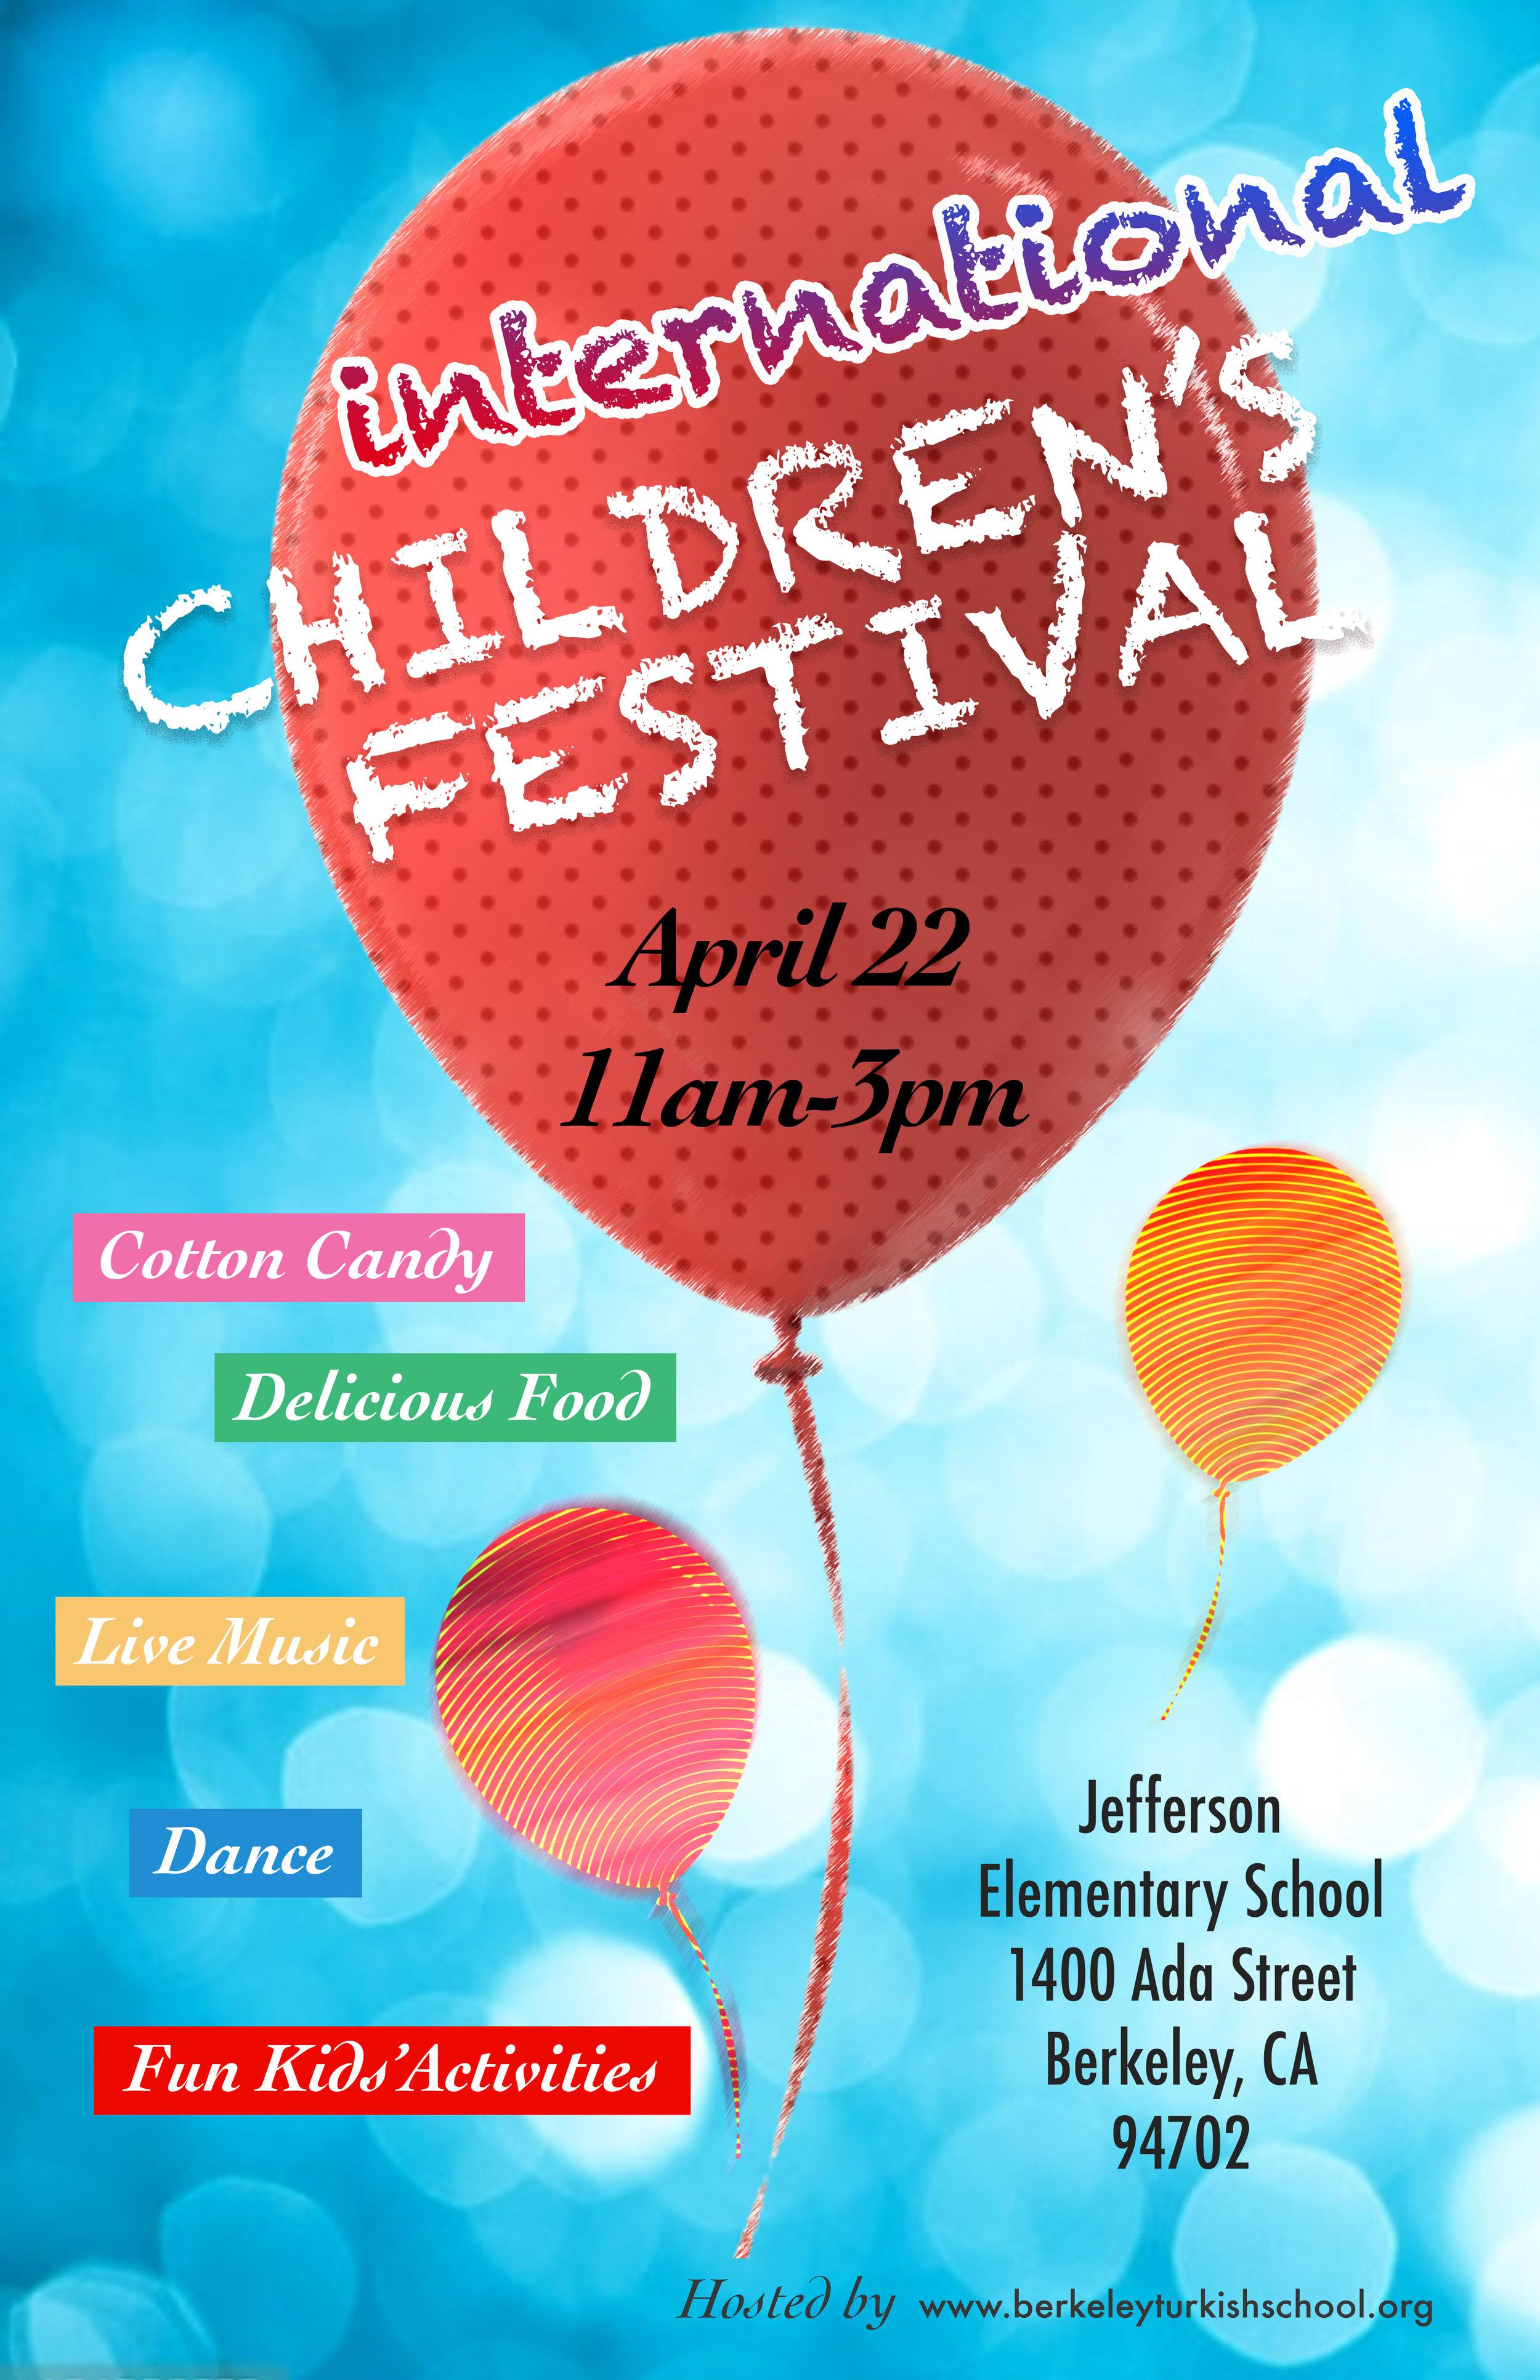 ChildrensFestival2018_poster.jpg